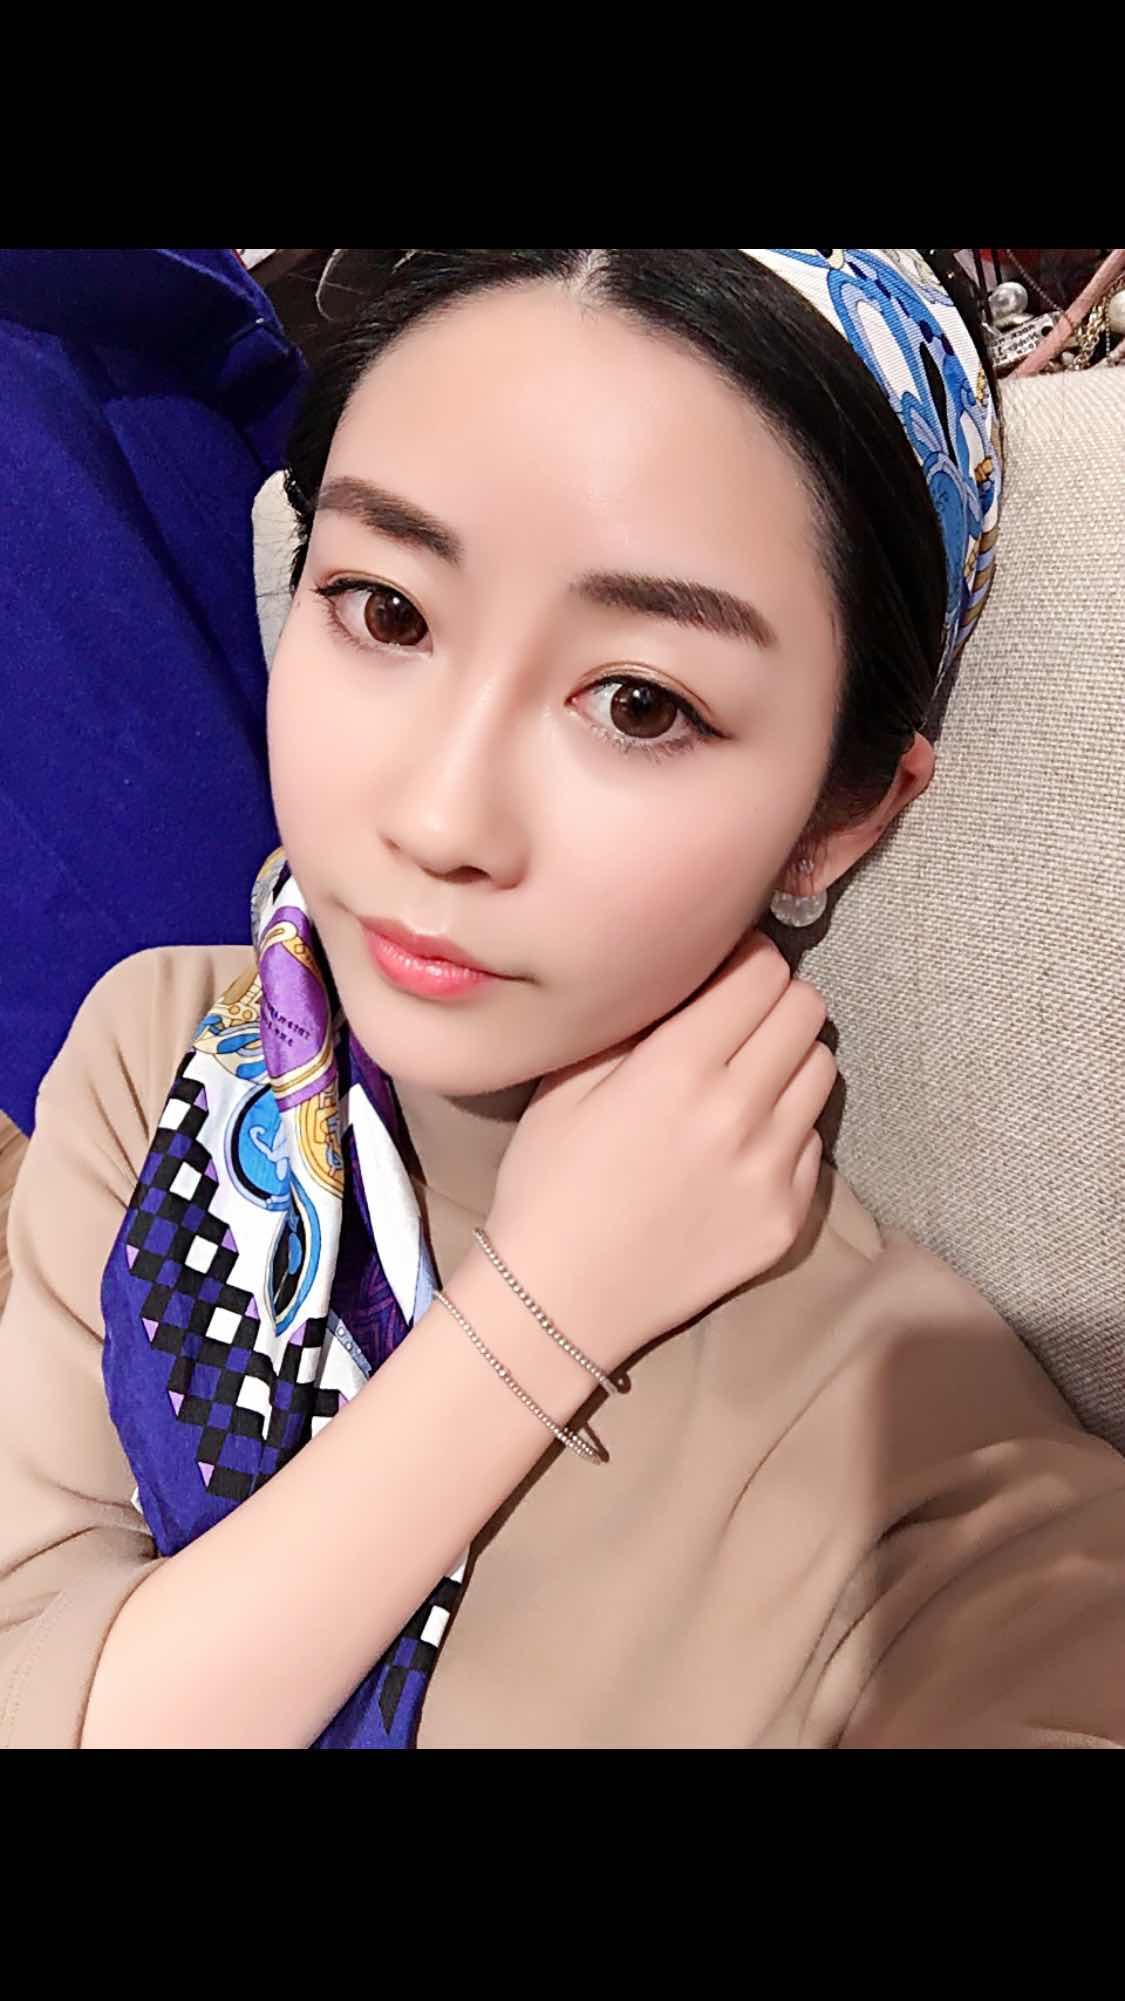 韩国面部提升手术价格,现在天天研究化妆。。每次照镜子的时候都觉得这次去韩国是正确的。。而且还旅了游